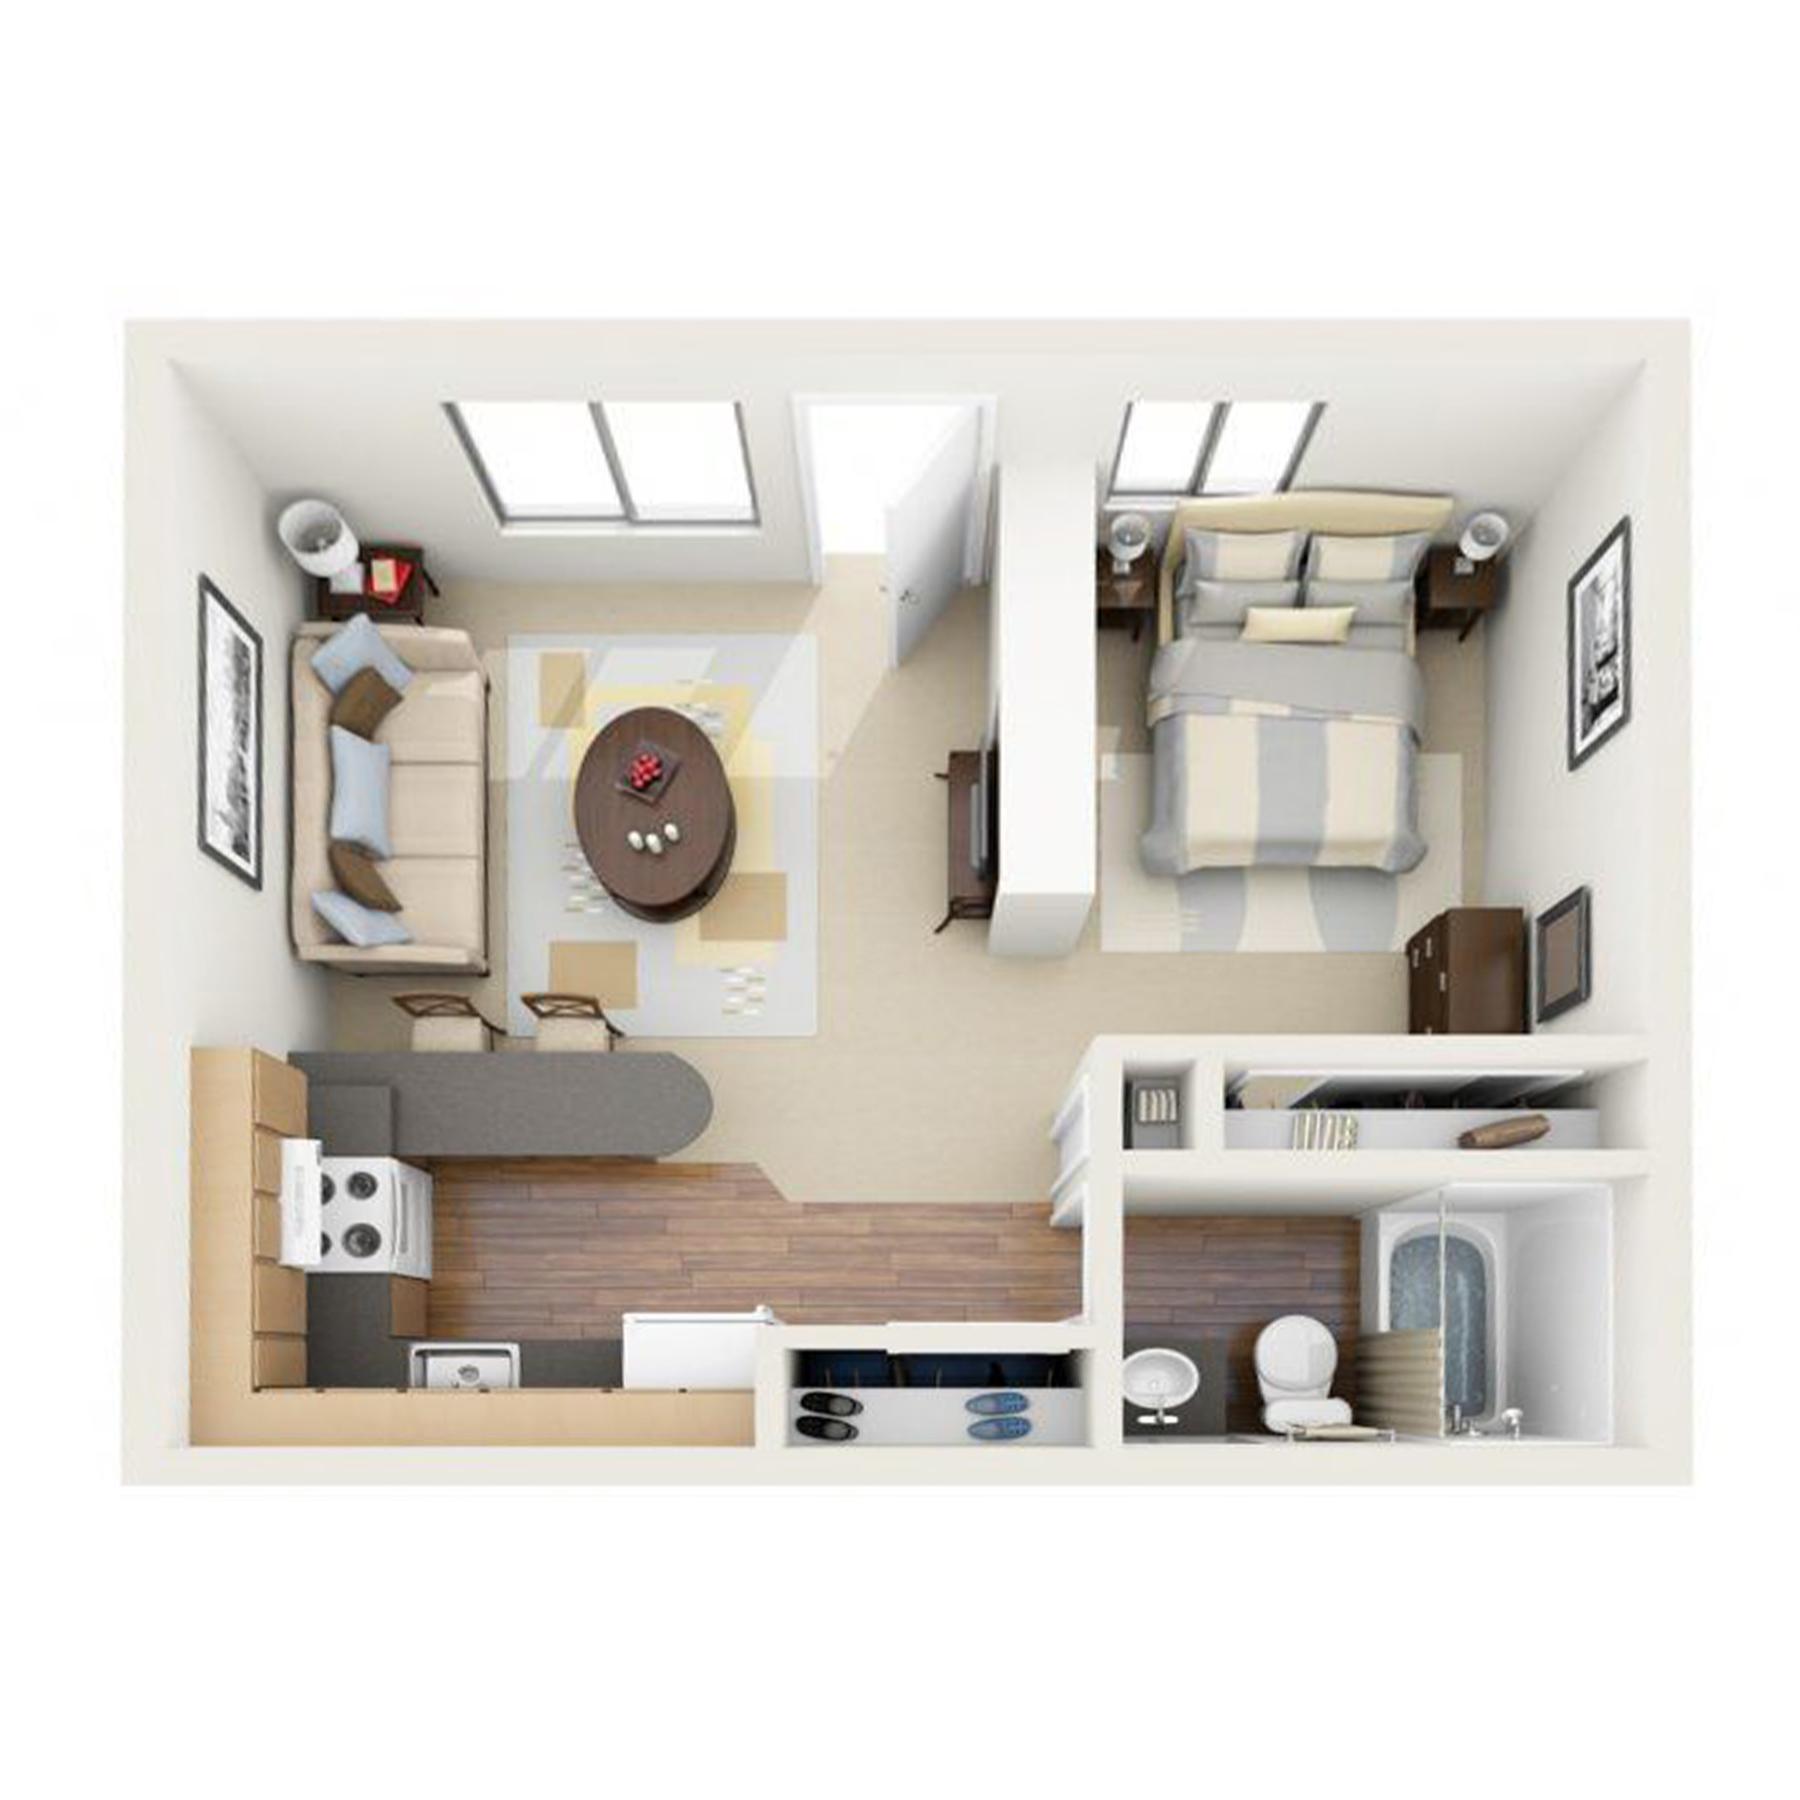 Home Design Ideas For The Elderly: House Plans For Senior Living